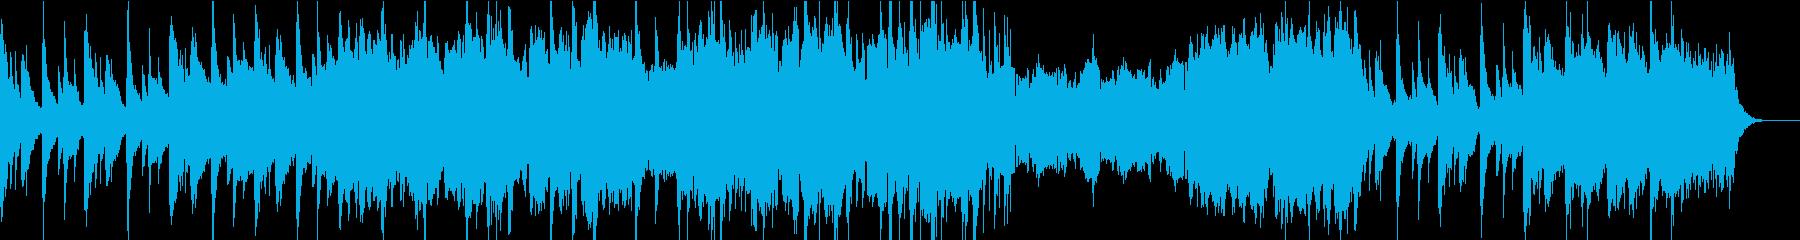 落ち着いたダークファンタジーBGM/映像の再生済みの波形